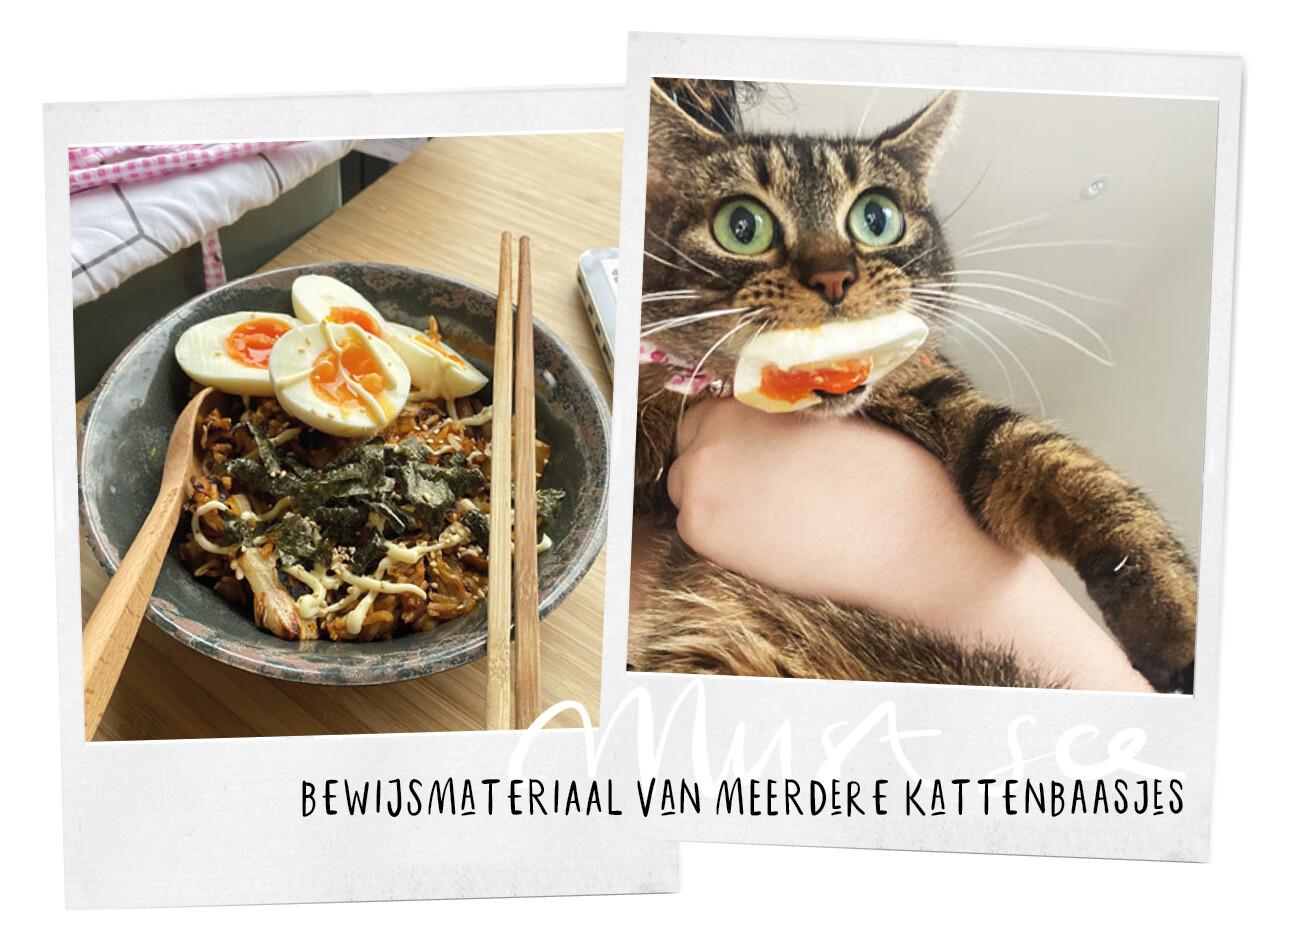 katten zijn niet te vertrouwen bij je eten